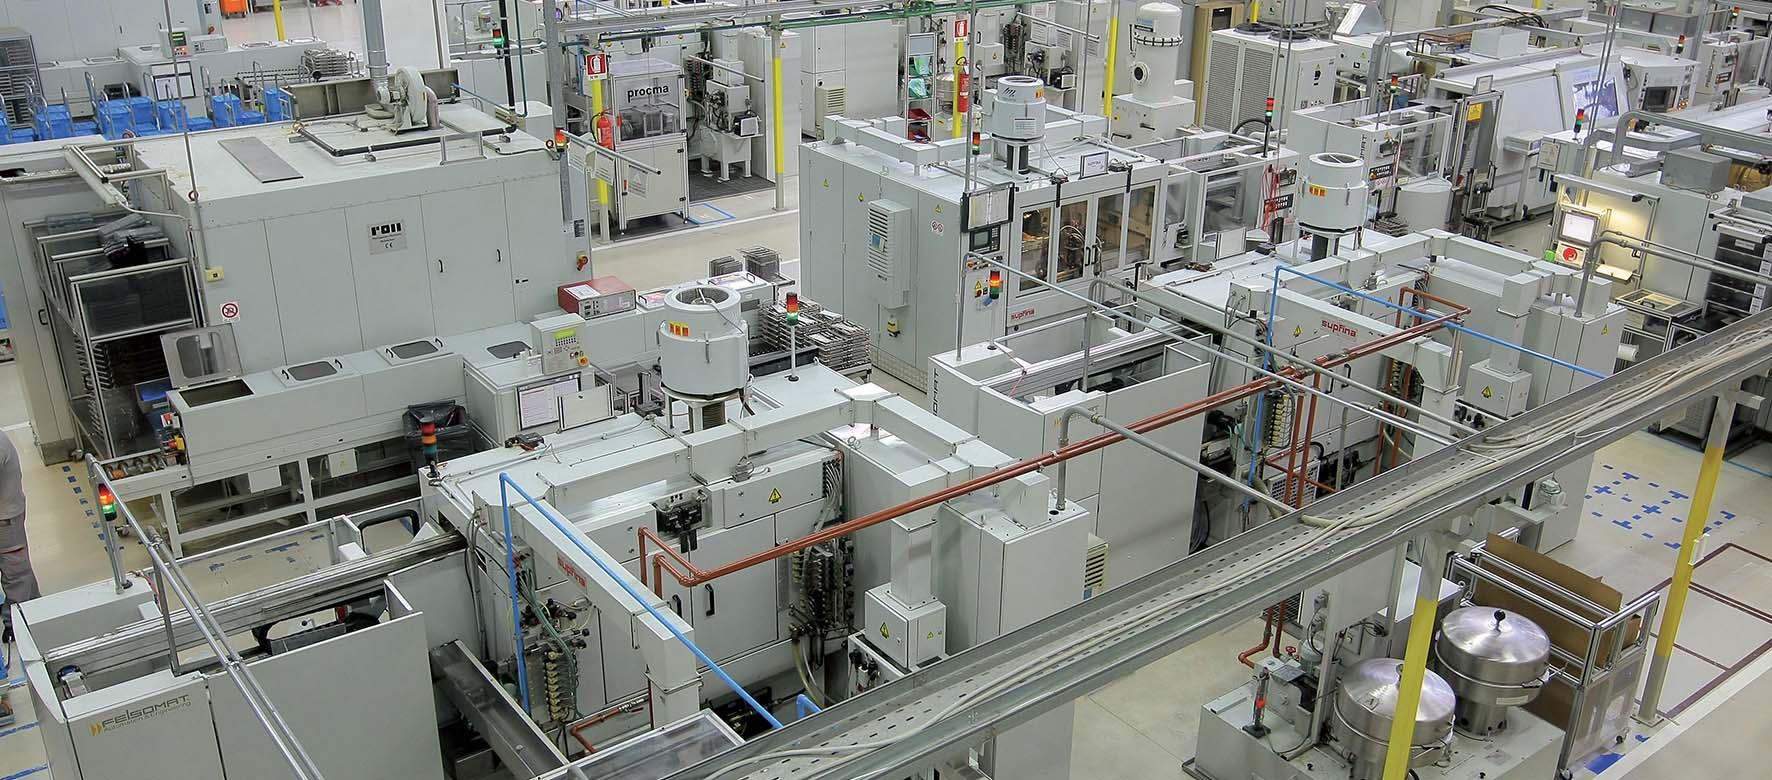 impennata dei prezzi Bosch 2011 impianto Bari apparecchiature industriali